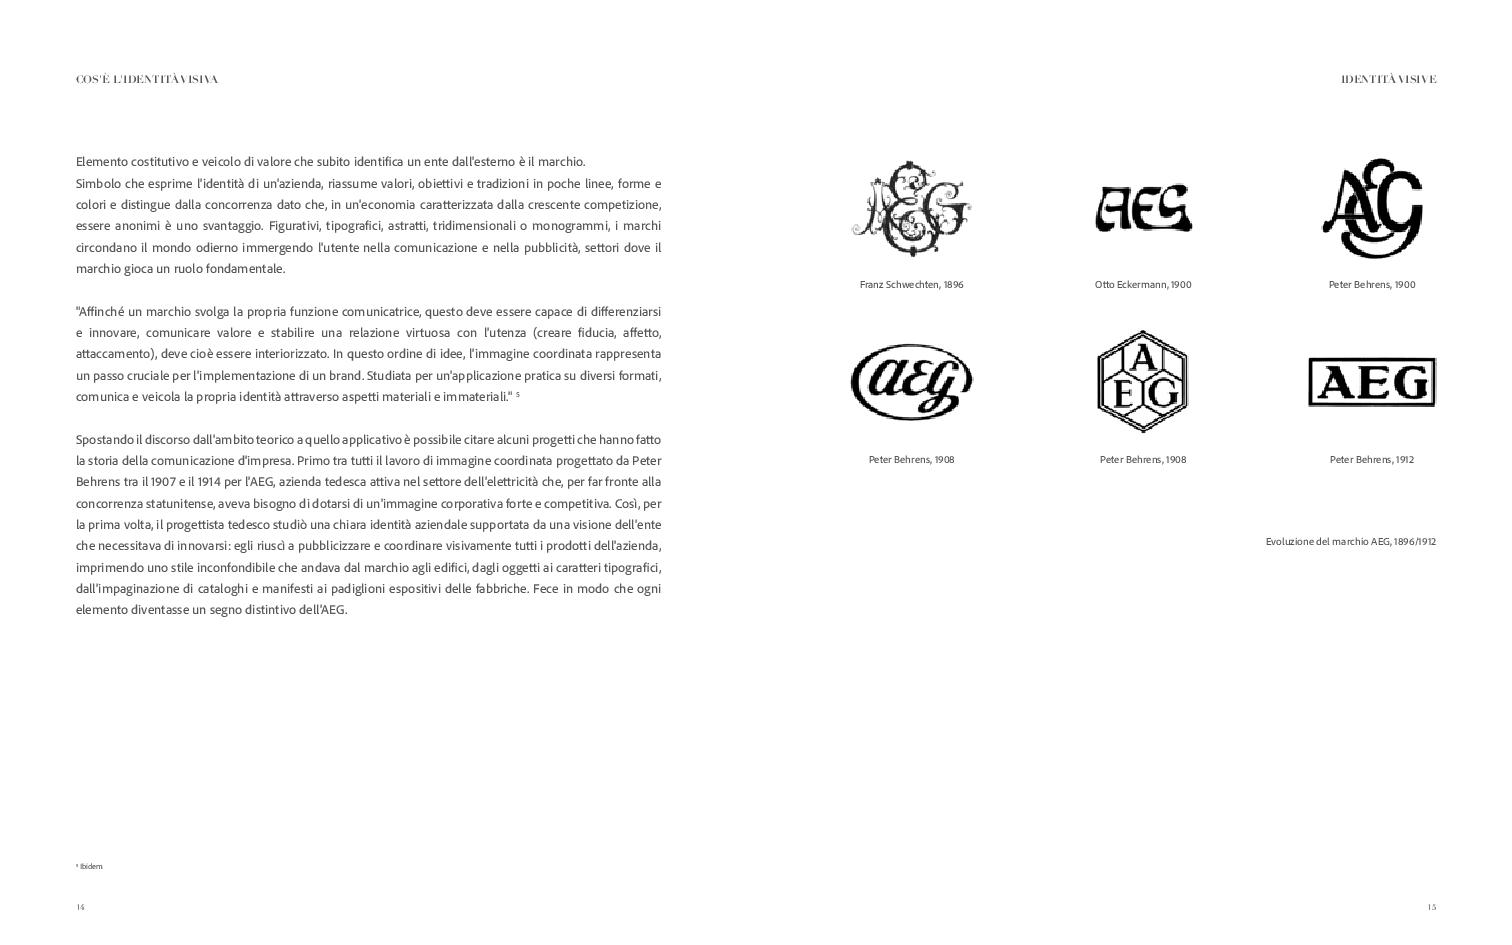 Anteprima della tesi: La Mole Antonelliana e il Museo Nazionale del Cinema di Torino. Dalla storia ad un nuovo progetto di identità visiva, Pagina 3